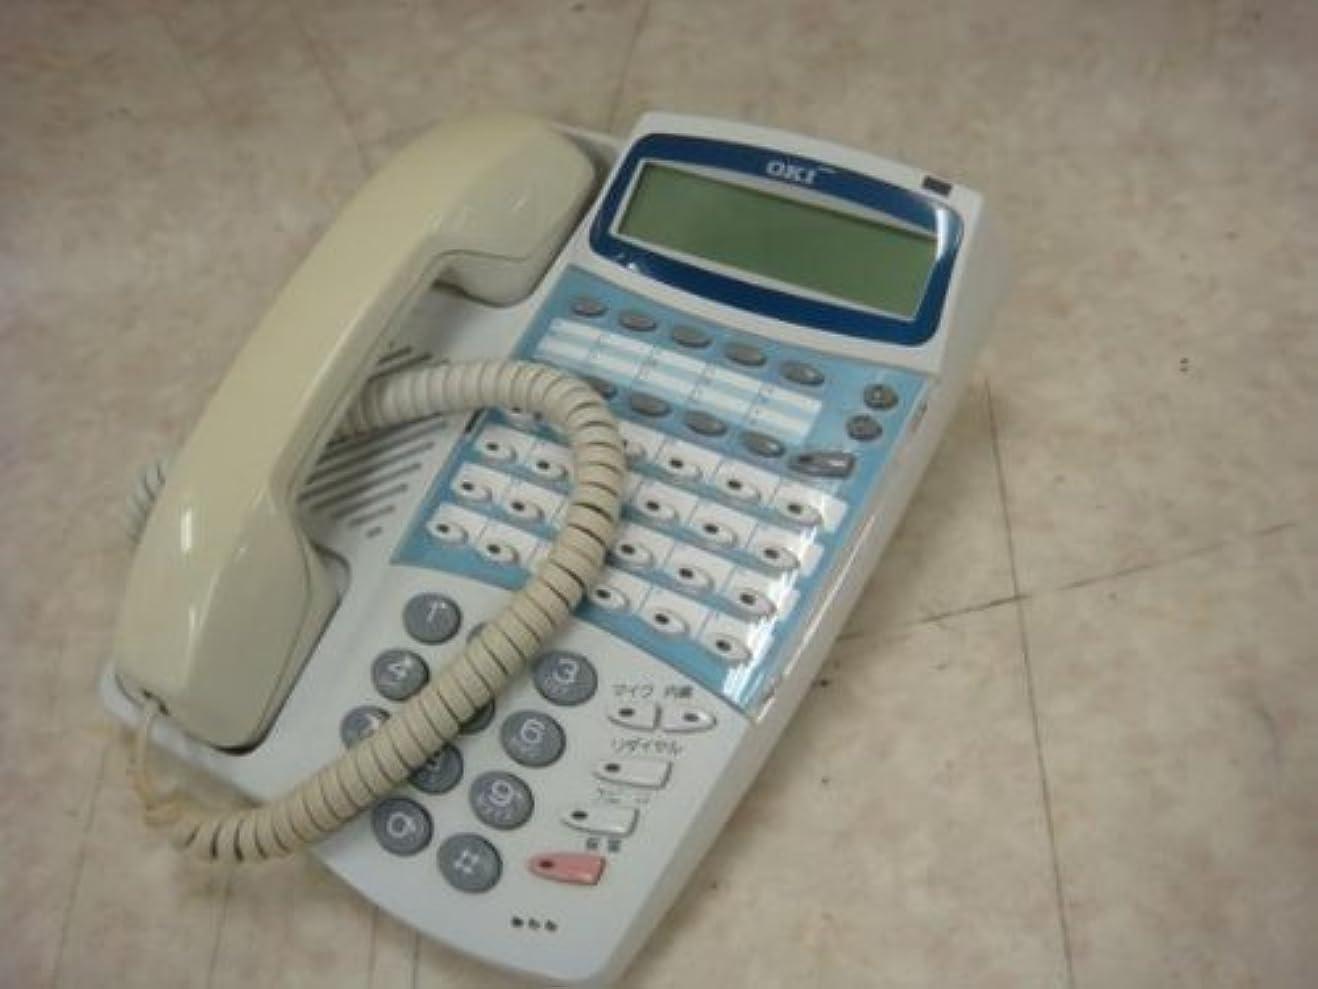 嫌い怖い守るDI2141 MKT/U-24DK OKI 沖電気 多機能電話機 [オフィス用品] ビジネスフォン [オフィス用品] [オフィス用品] [オフィス用品]